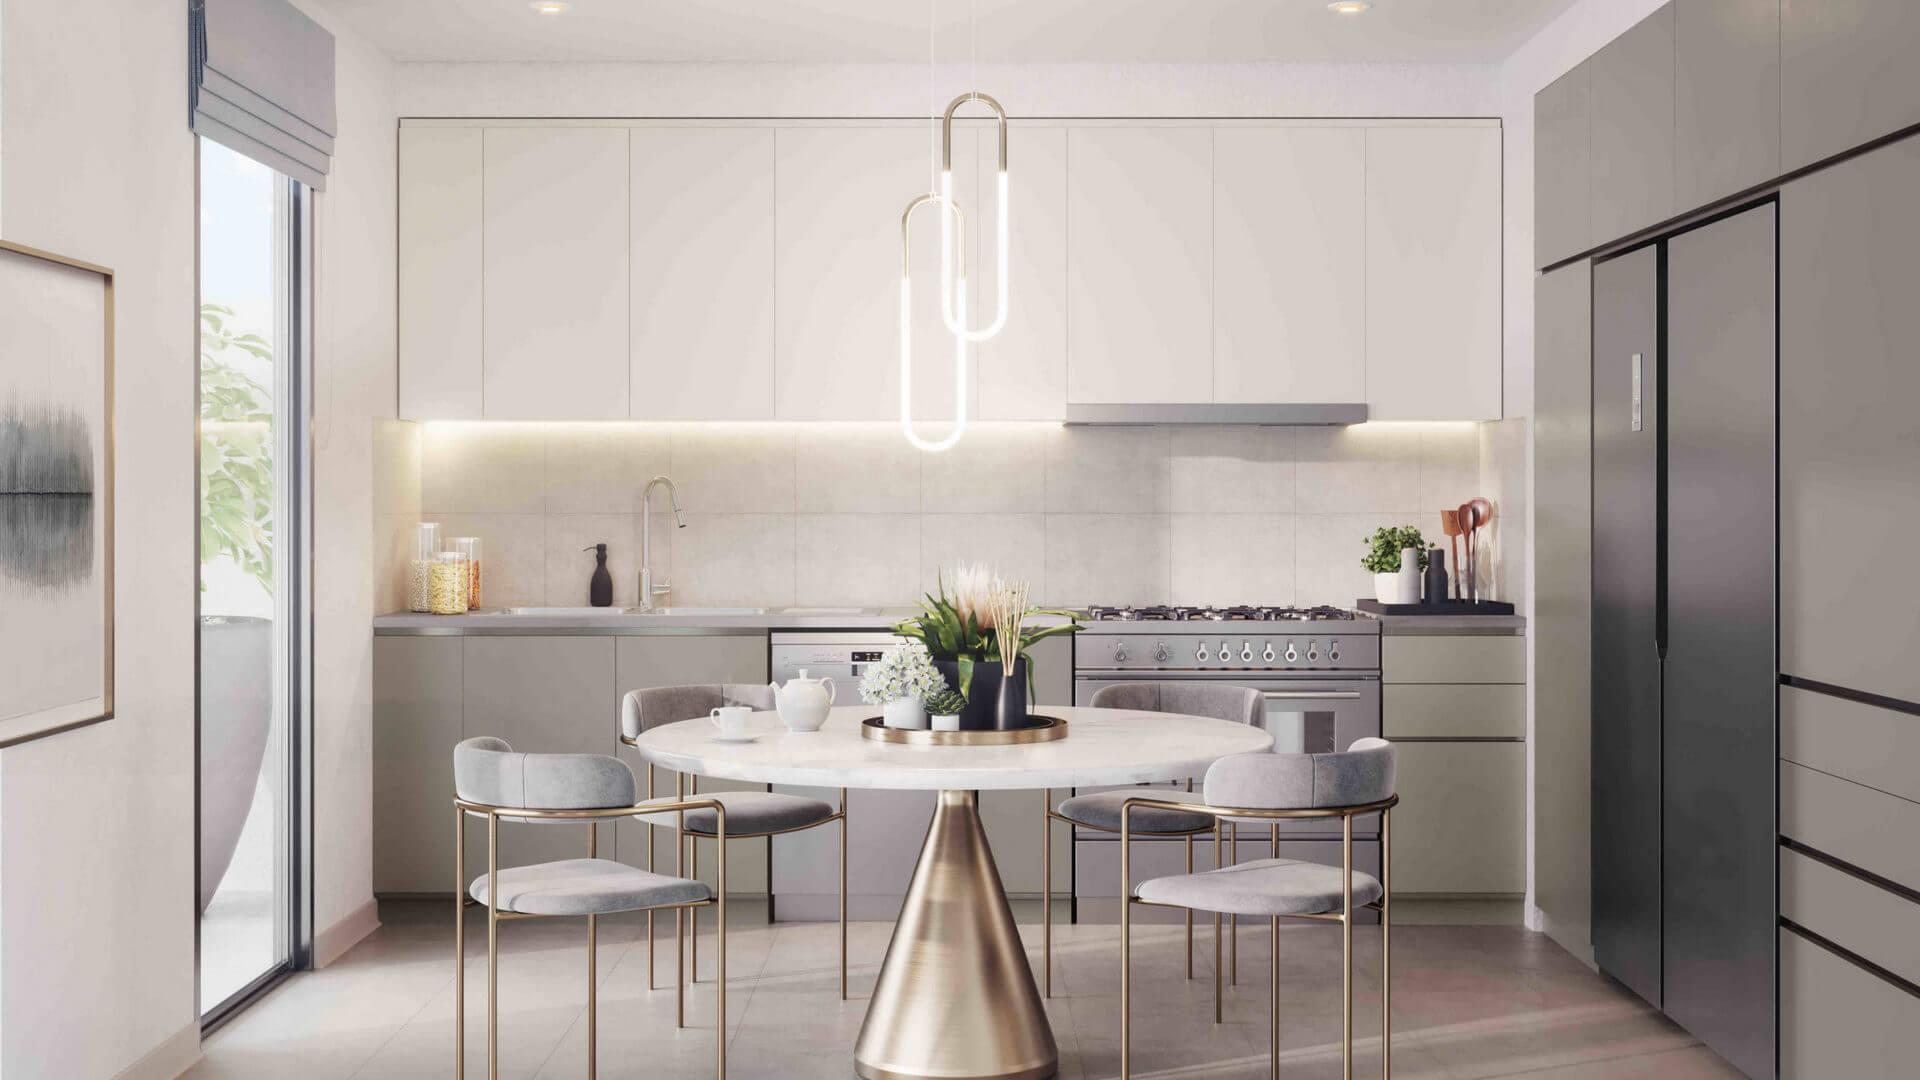 Villa for sale in Dubai, UAE, 3 bedrooms, 175 m2, No. 24048 – photo 1